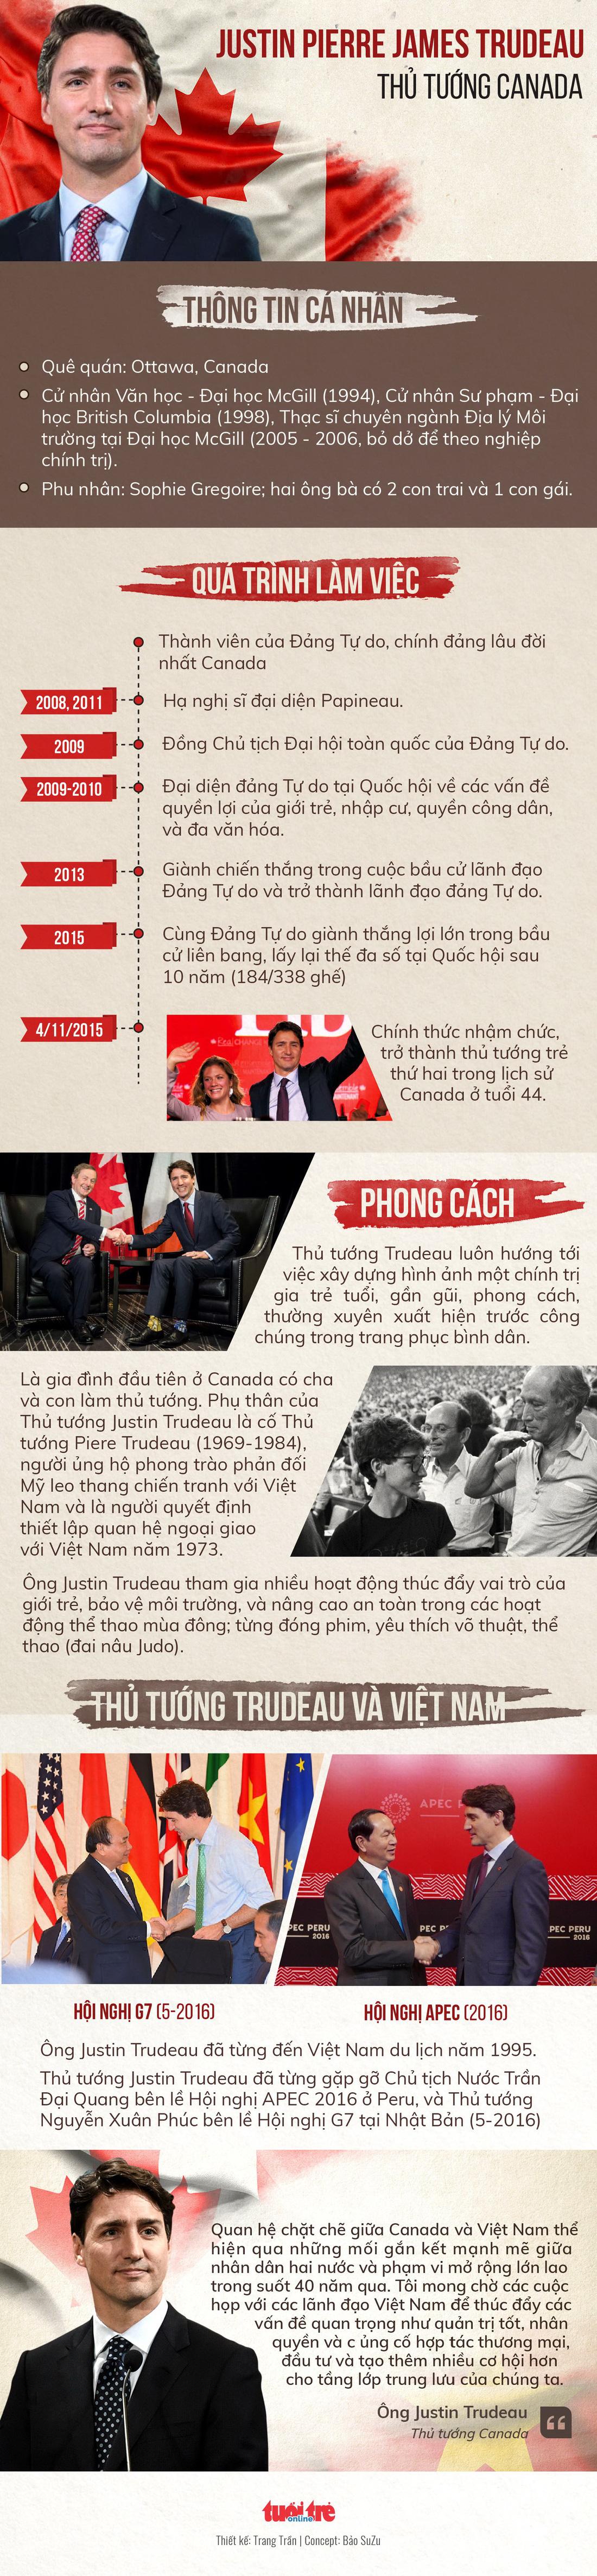 Thủ tướng Canada: 'Tôi từng mơ làm giáo viên' - ảnh 7